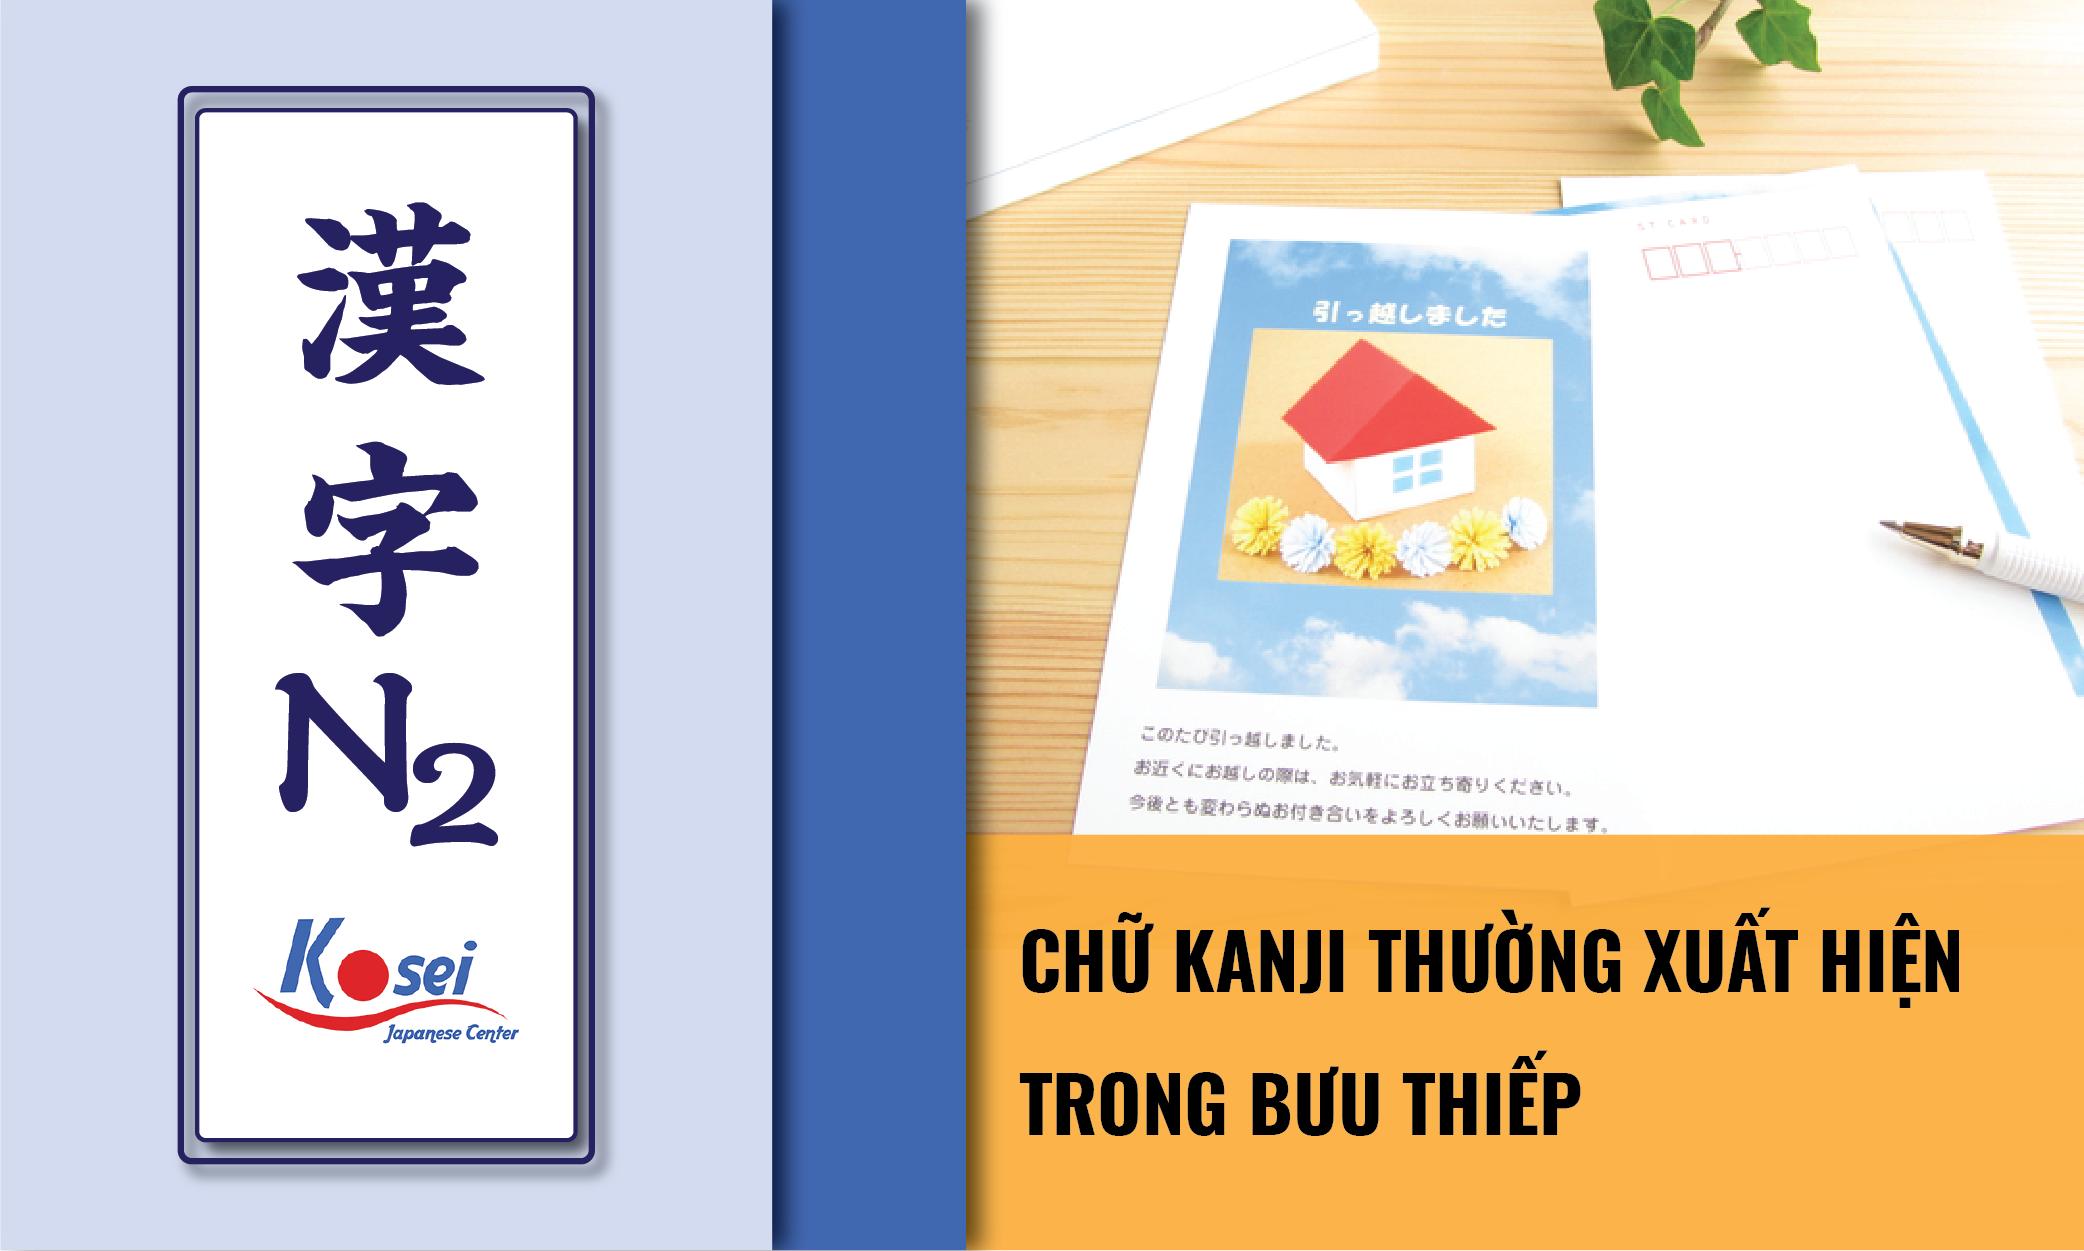 (Tổng hợp) Kanji N2: Những Kanji thường xuất hiện trên bưu thiếp